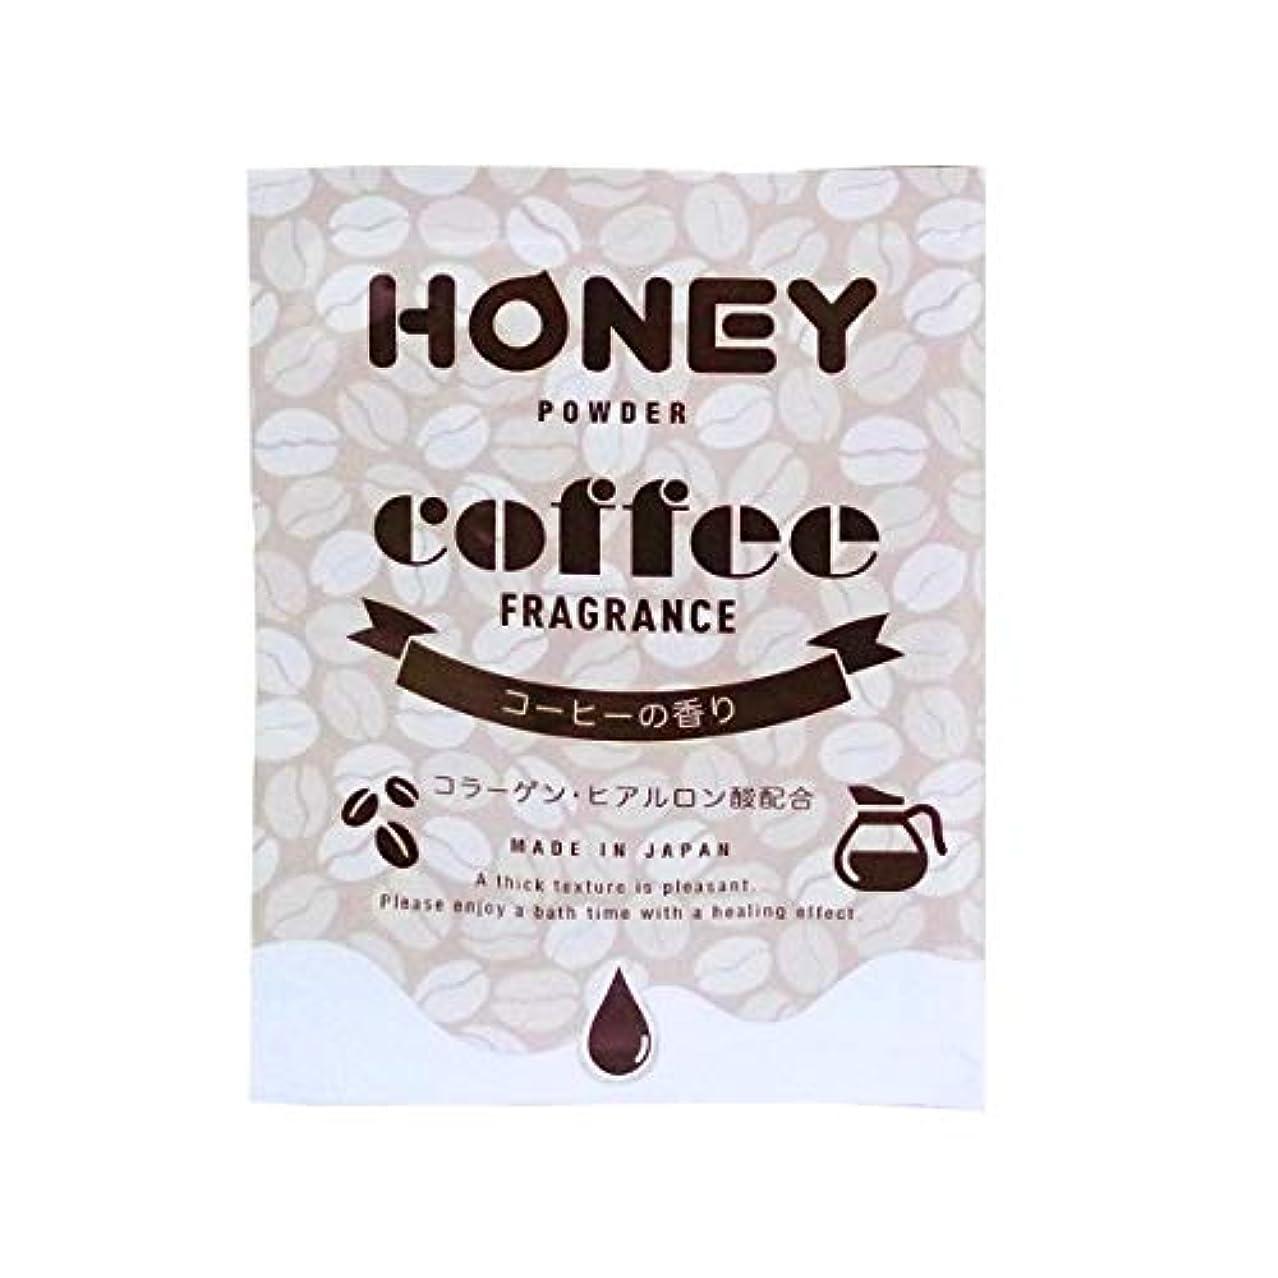 とろとろ入浴剤【honey powder】(ハニーパウダー) 2個セット コーヒーの香り 粉末タイプ ローション